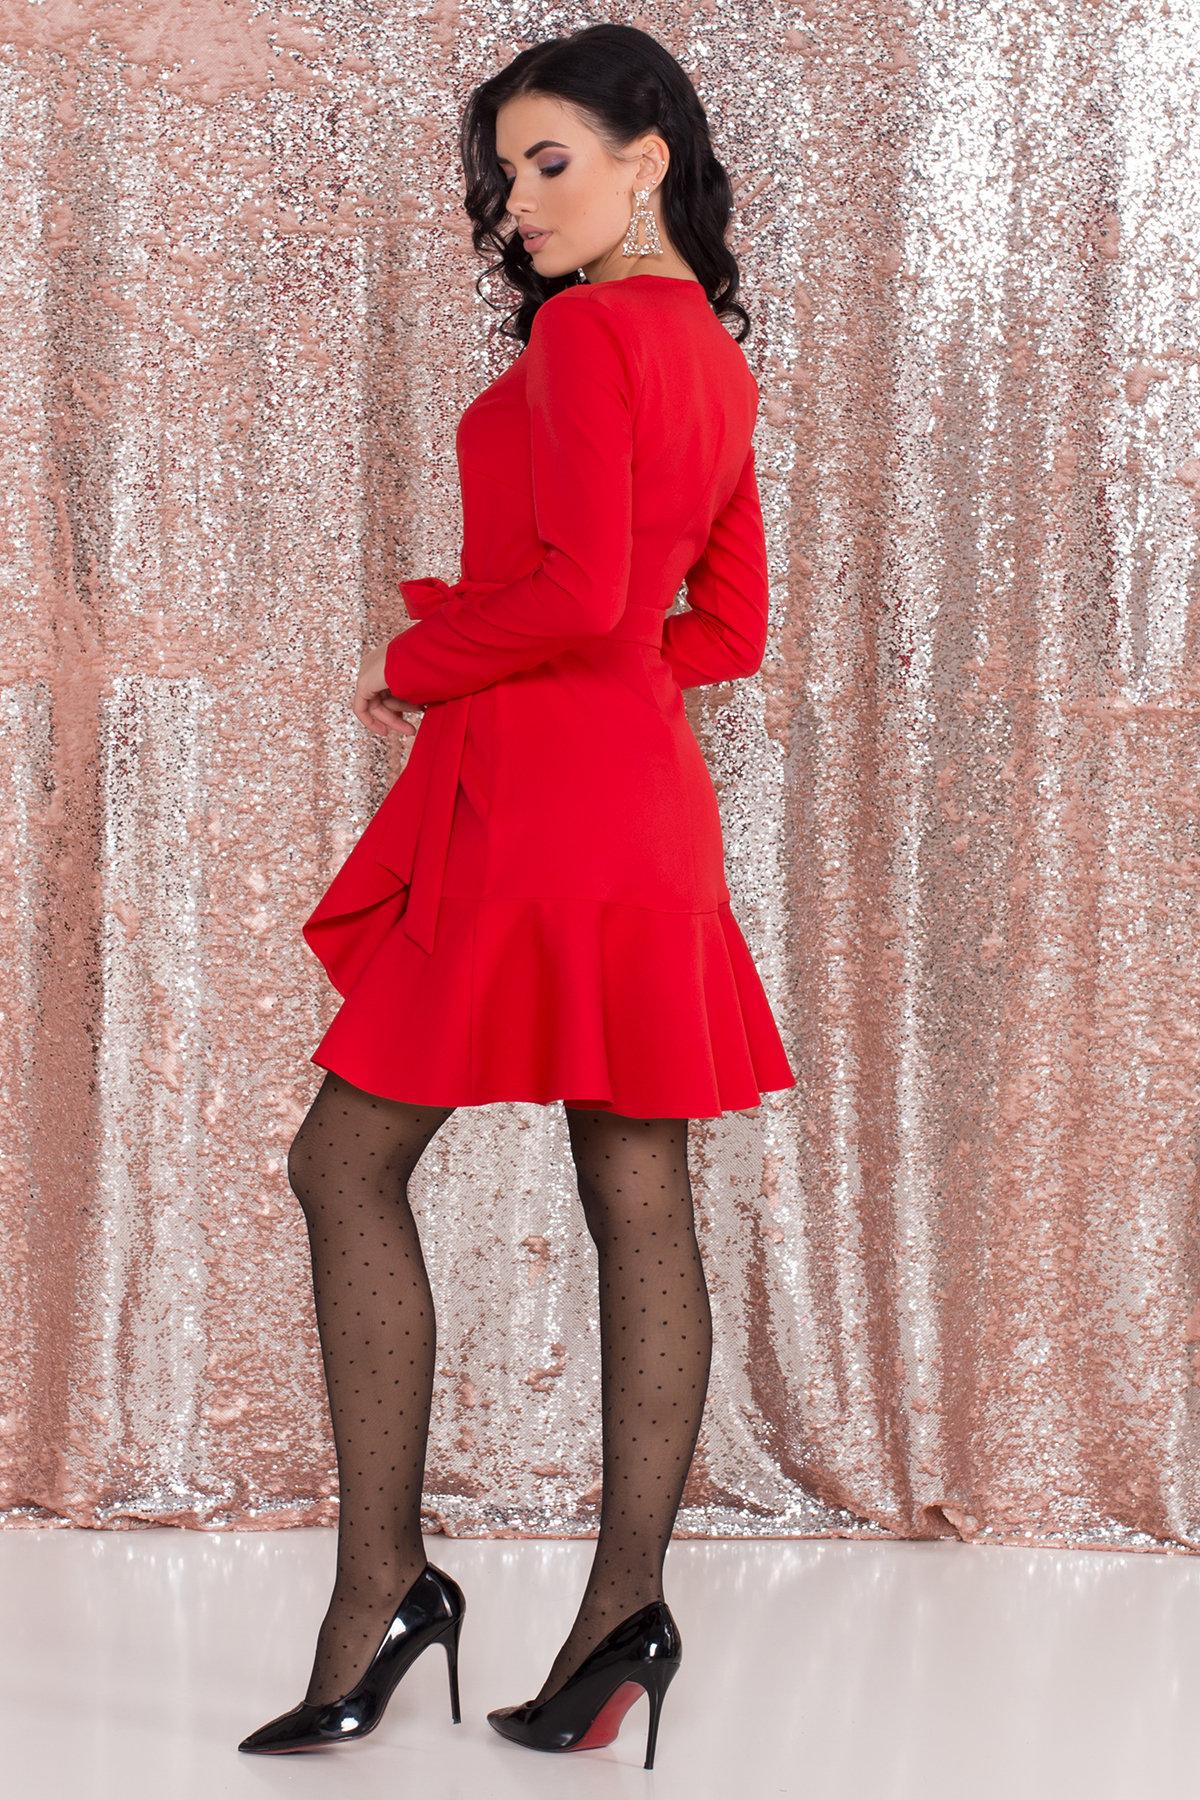 Однотонное платье на запах Фламенко 8336 АРТ. 44858 Цвет: Красный - фото 3, интернет магазин tm-modus.ru